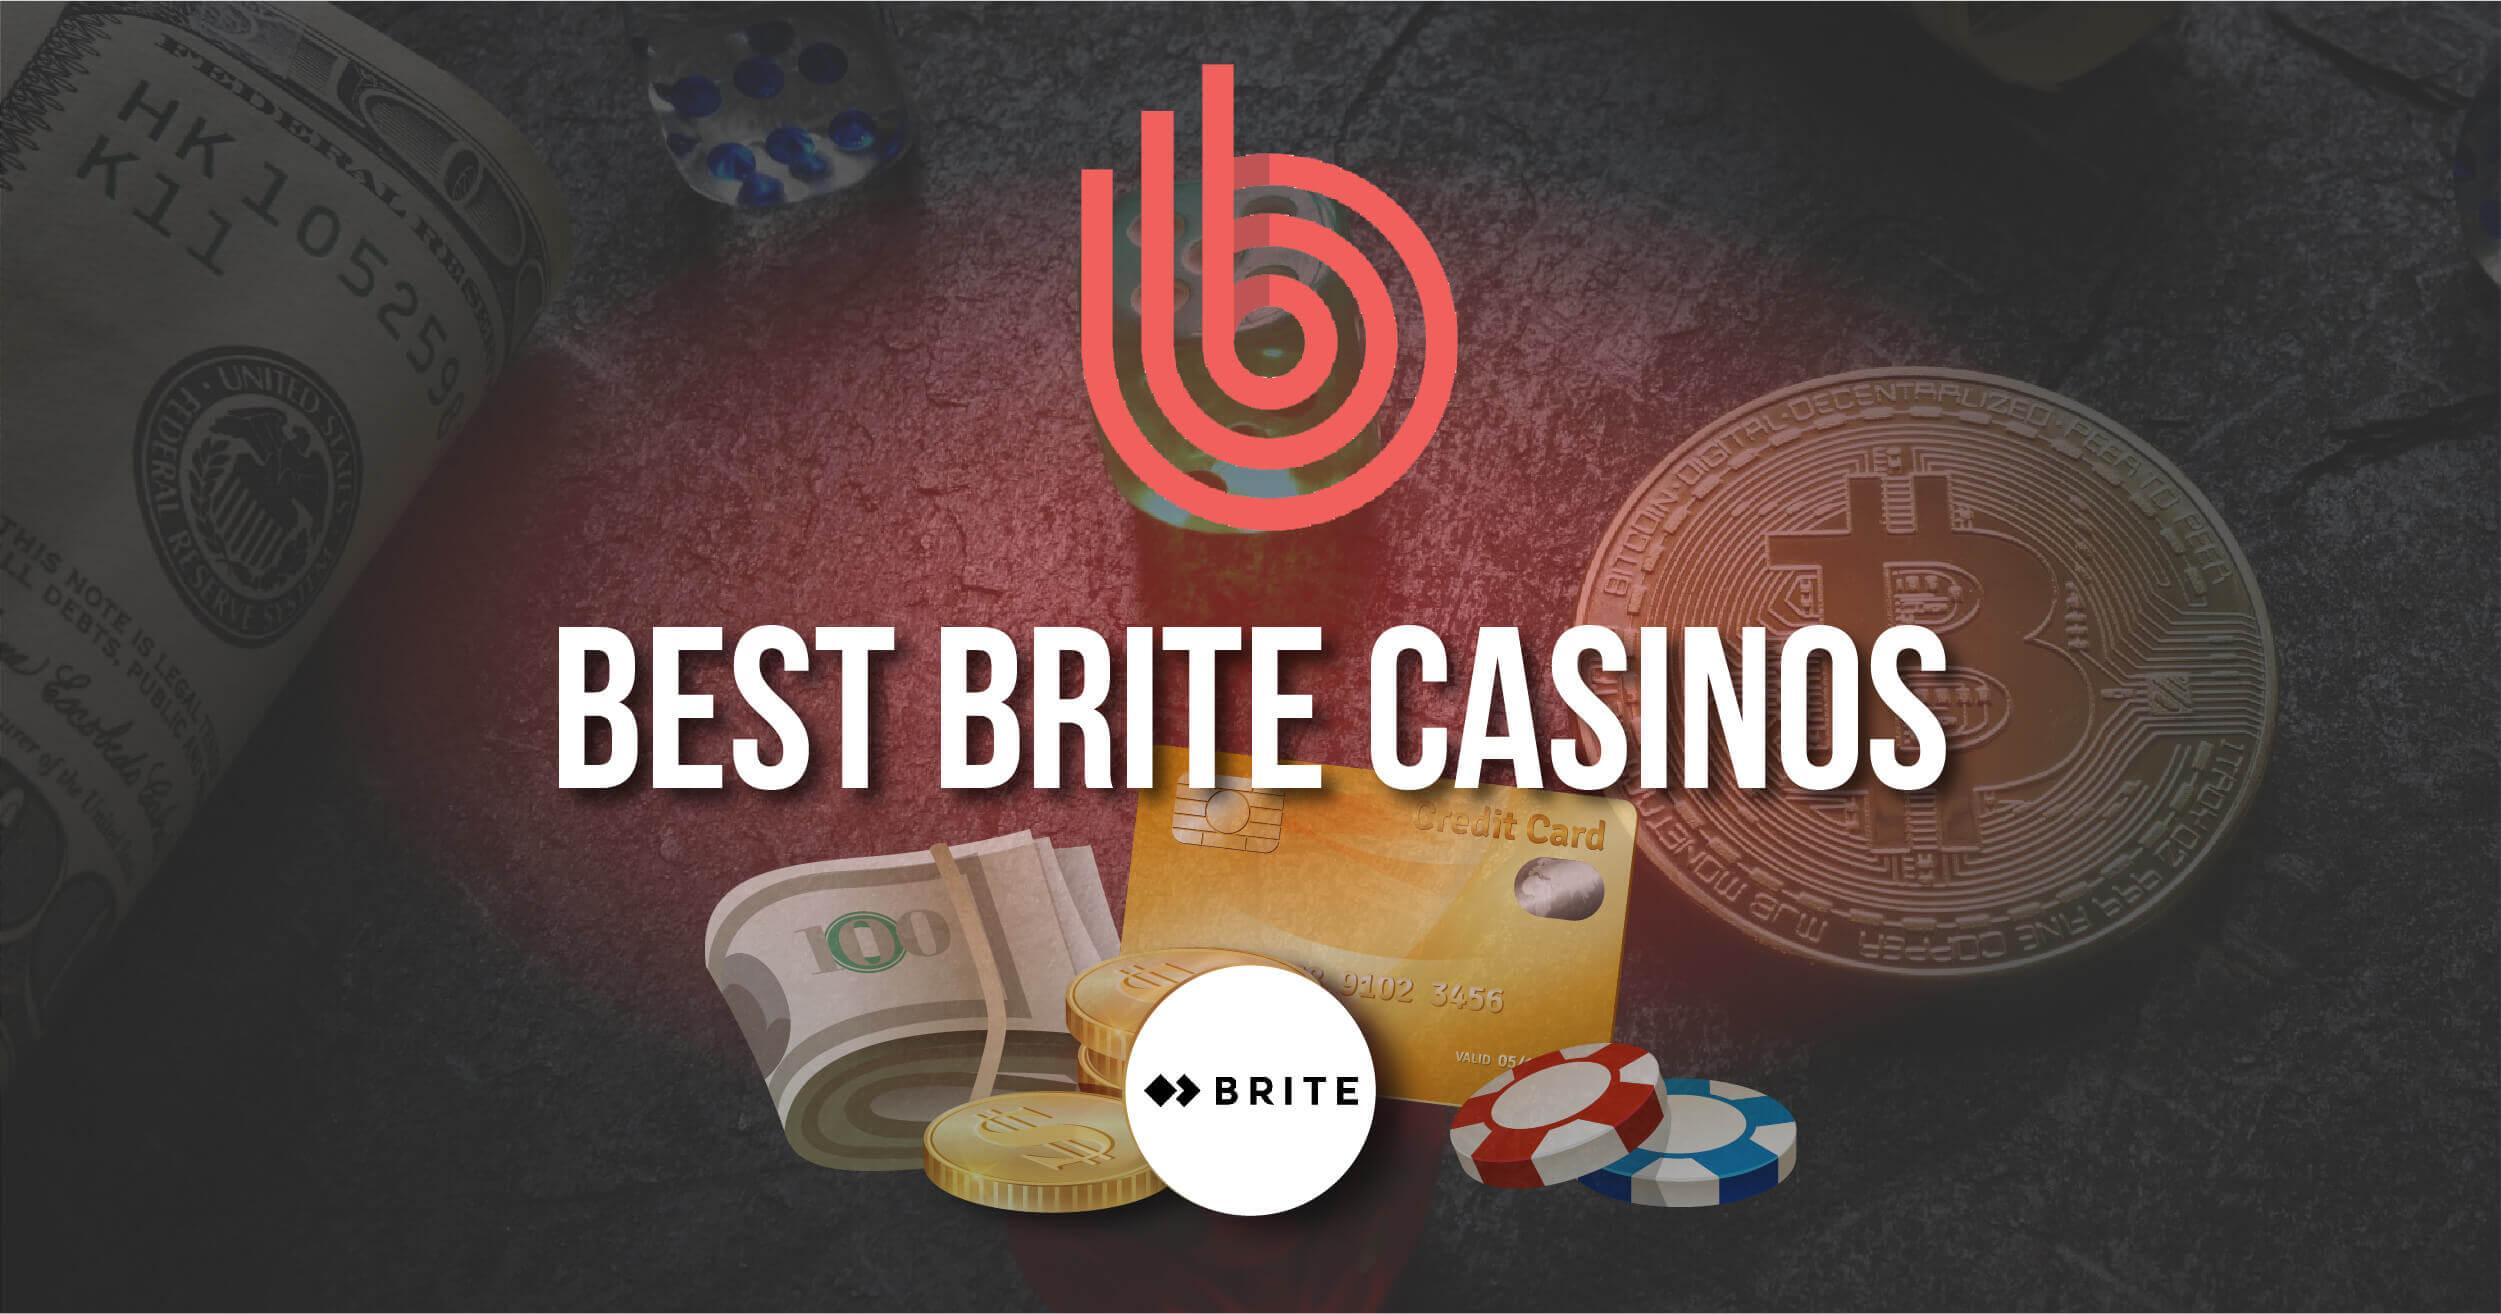 Best Brite Casinos